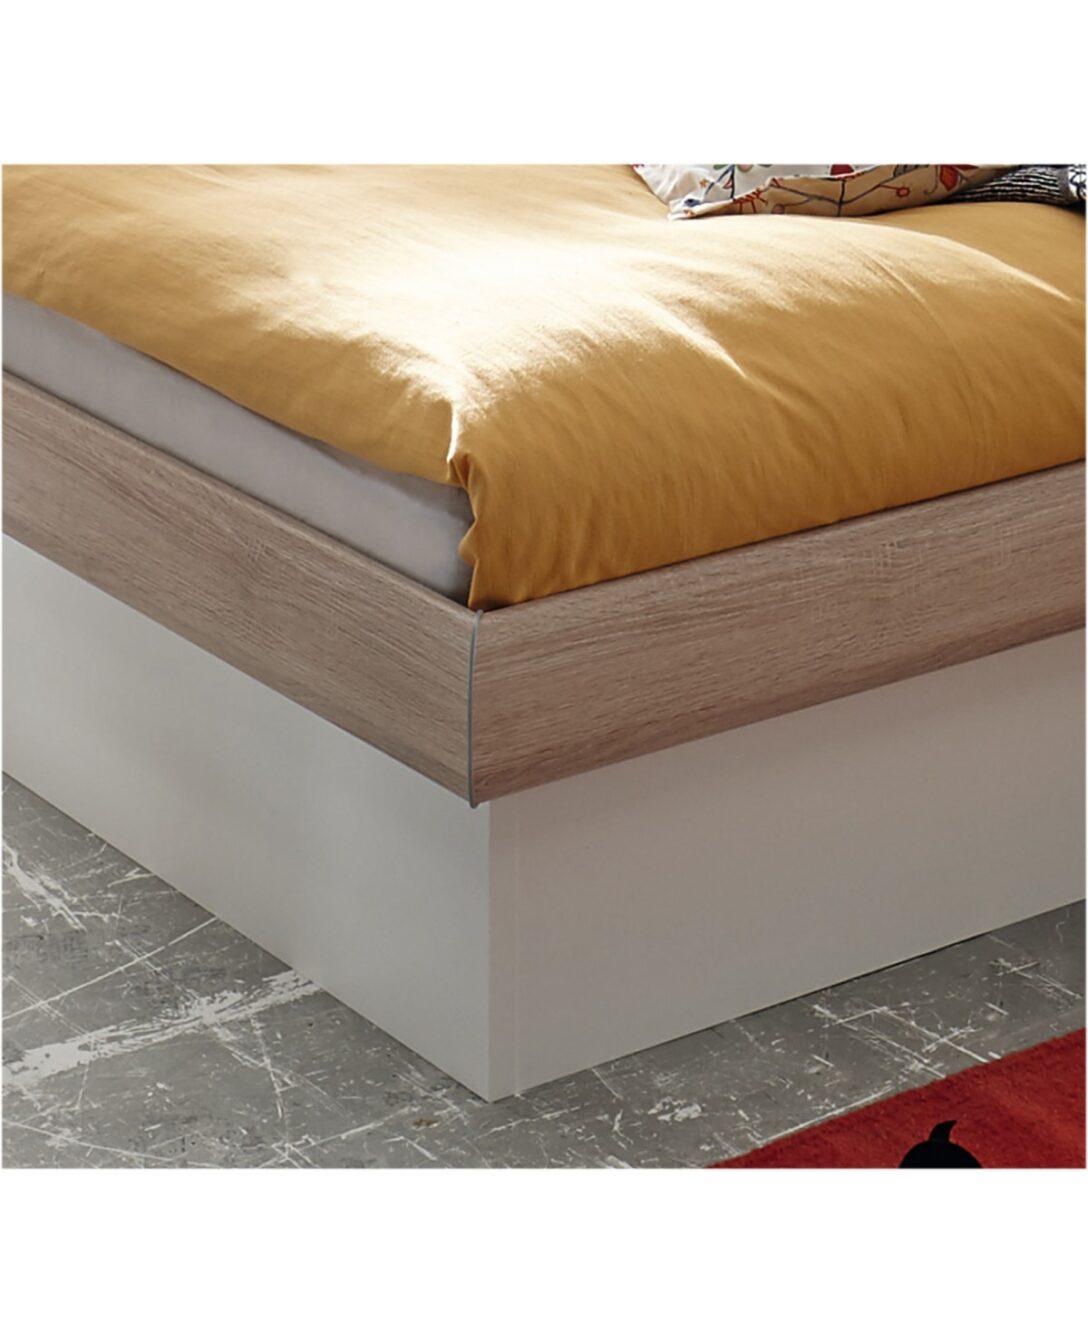 Large Size of Bett 200x200 Weiß Mit Bettkasten Betten Stauraum Komforthöhe Wohnzimmer Stauraumbett 200x200